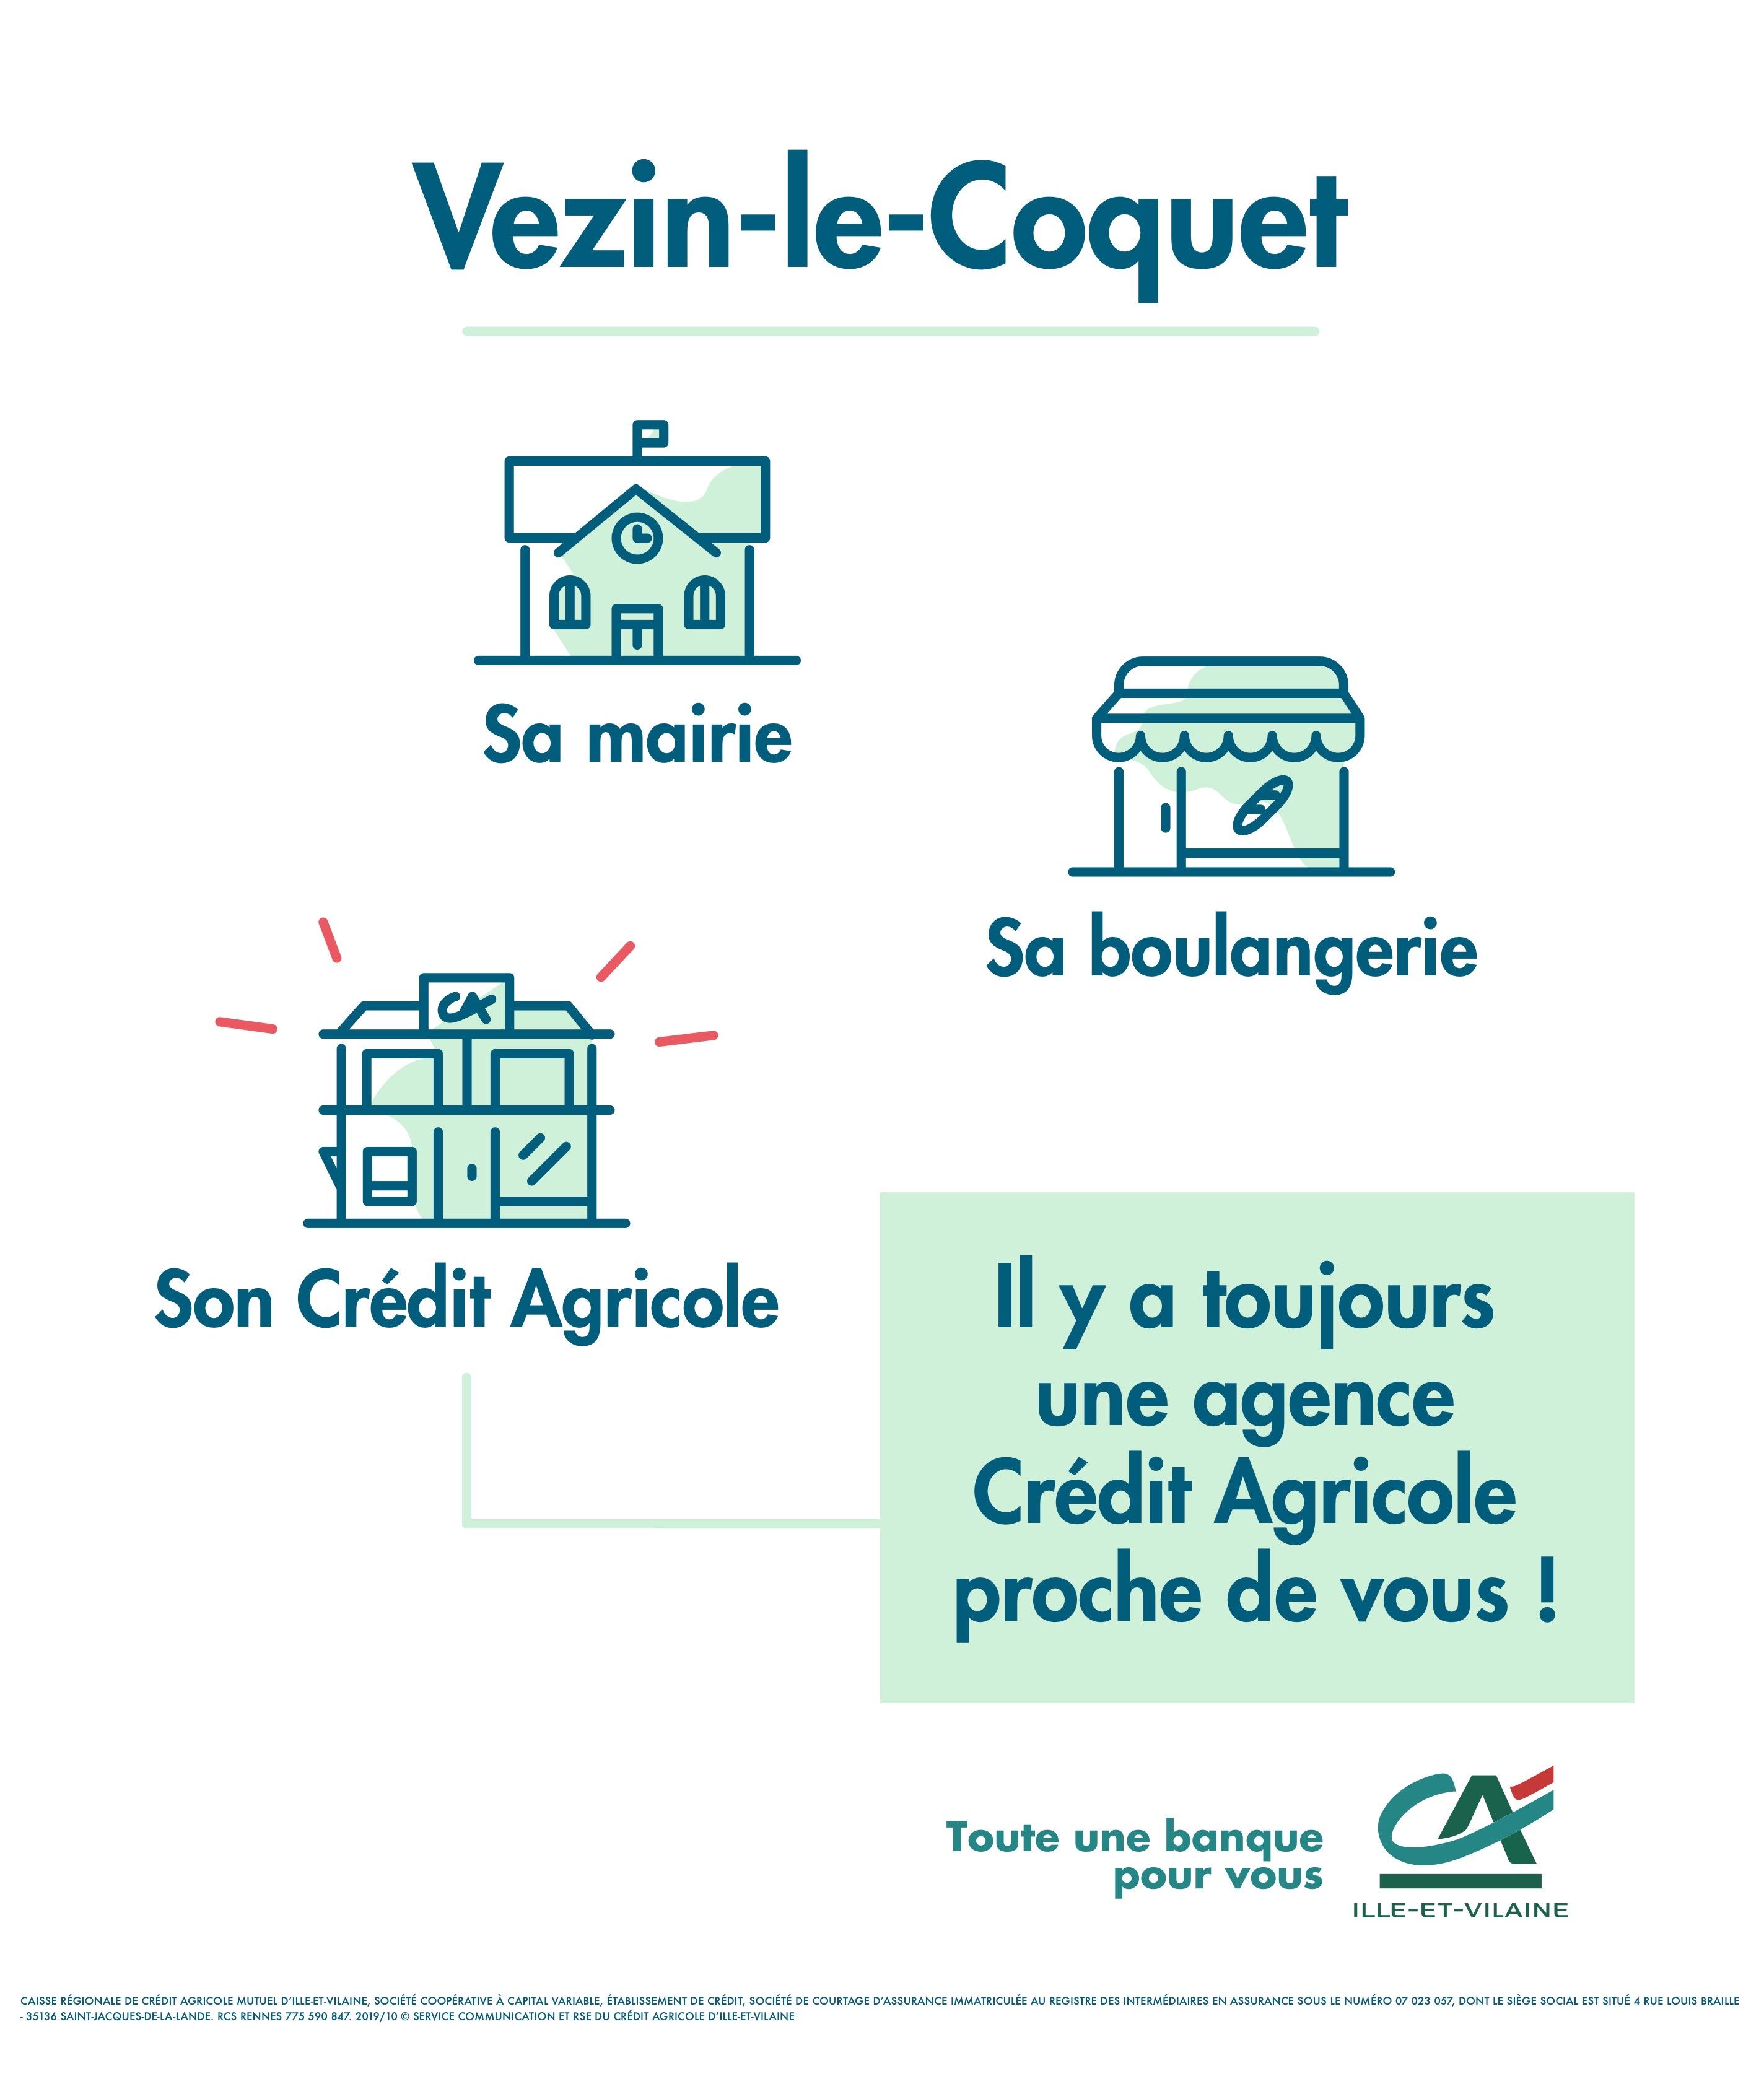 CRÉDIT AGRICOLE ILLE-ET-VILAINE – VEZIN-LE-COQUET #2